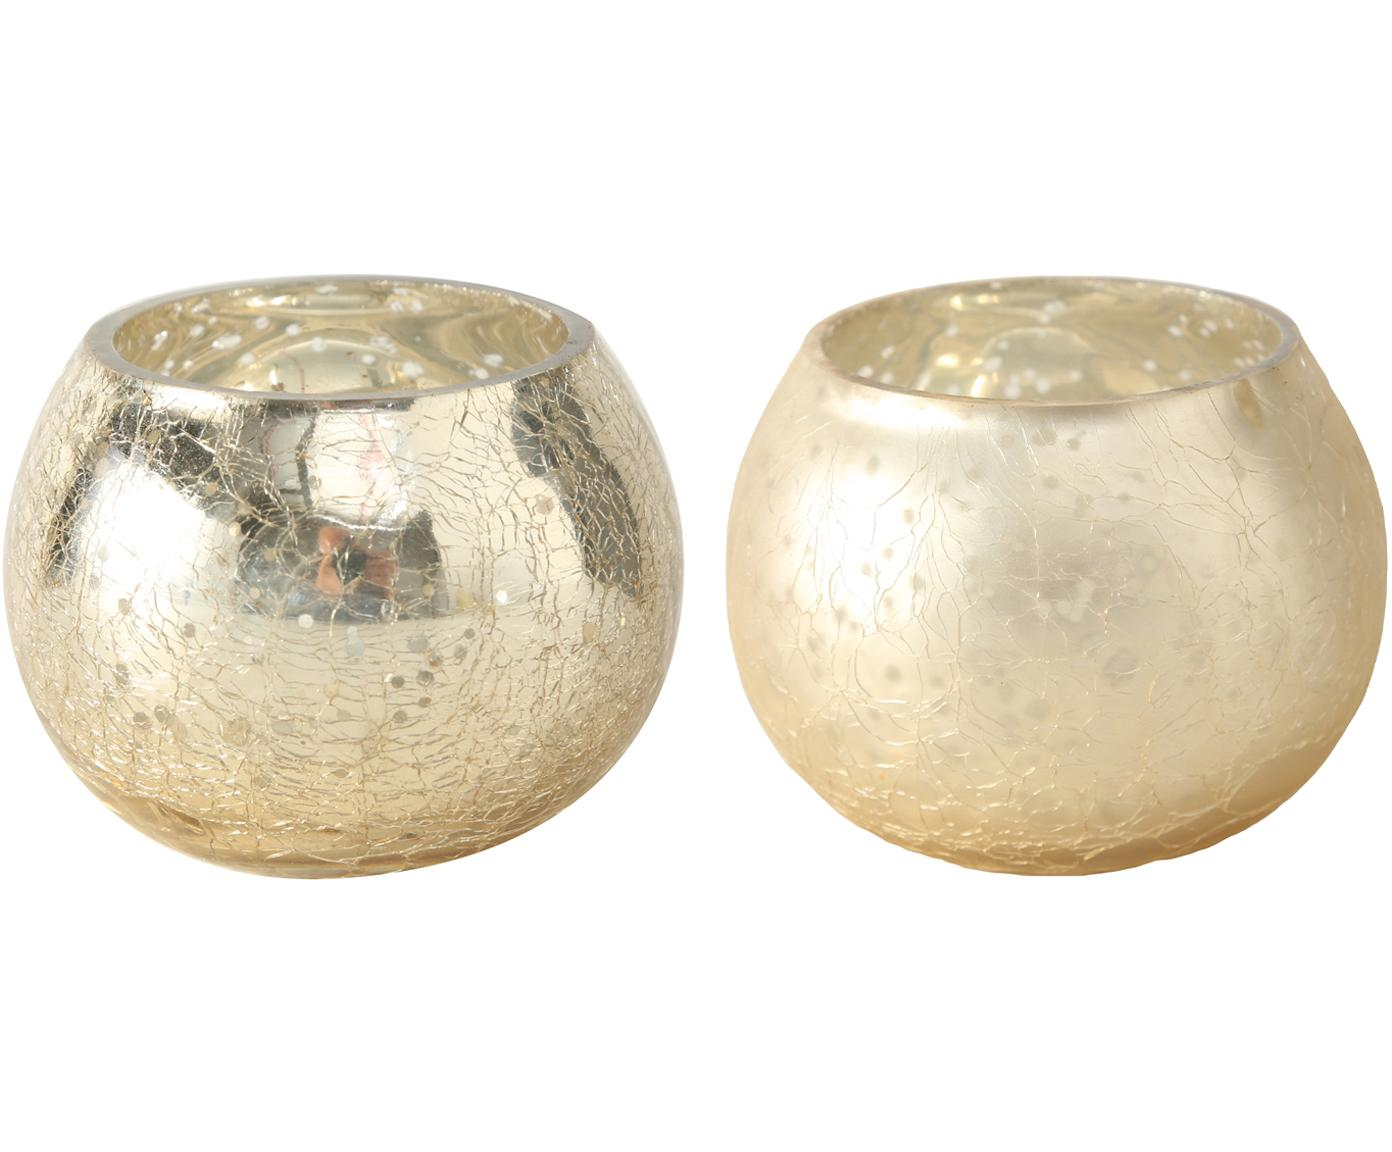 Teelichthalter-Set Grusha, 2-tlg., Glas, lackiert, Champagnerfarben, matt und glänzend, Ø 7 x H 6 cm